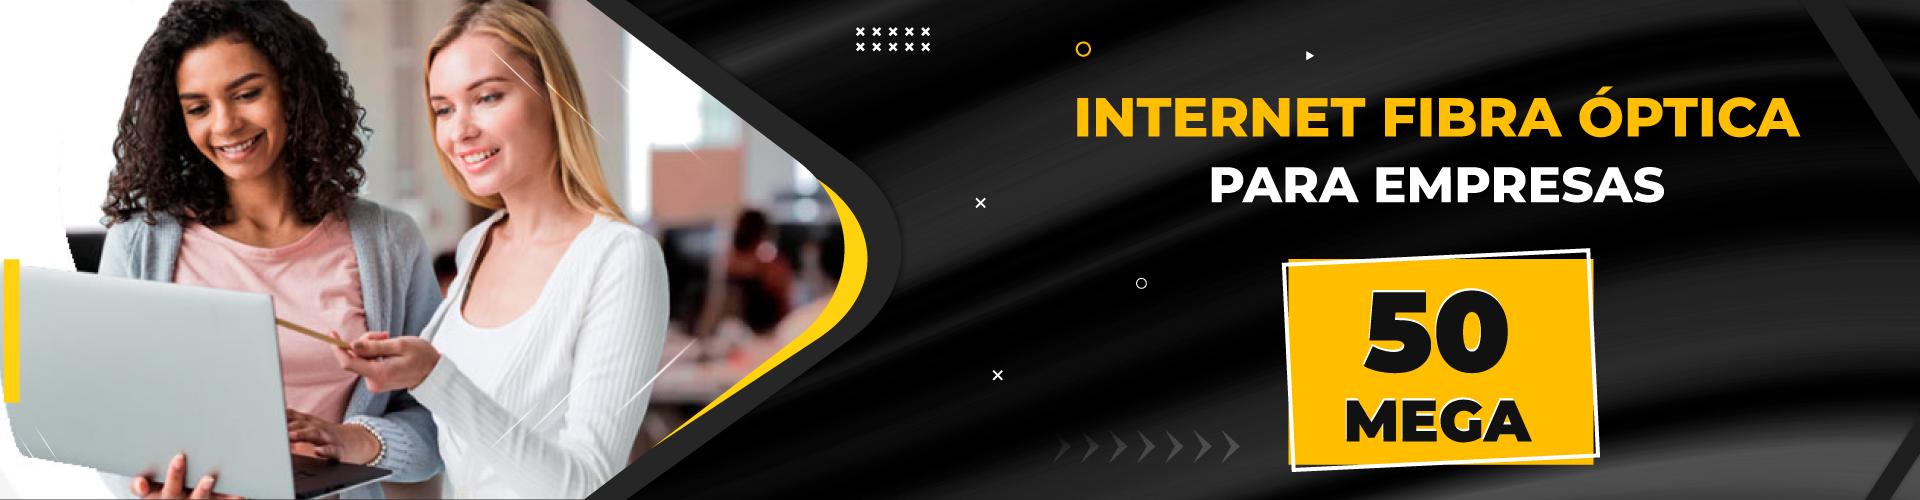 internet-fibra-optica-empresarial-50-mega